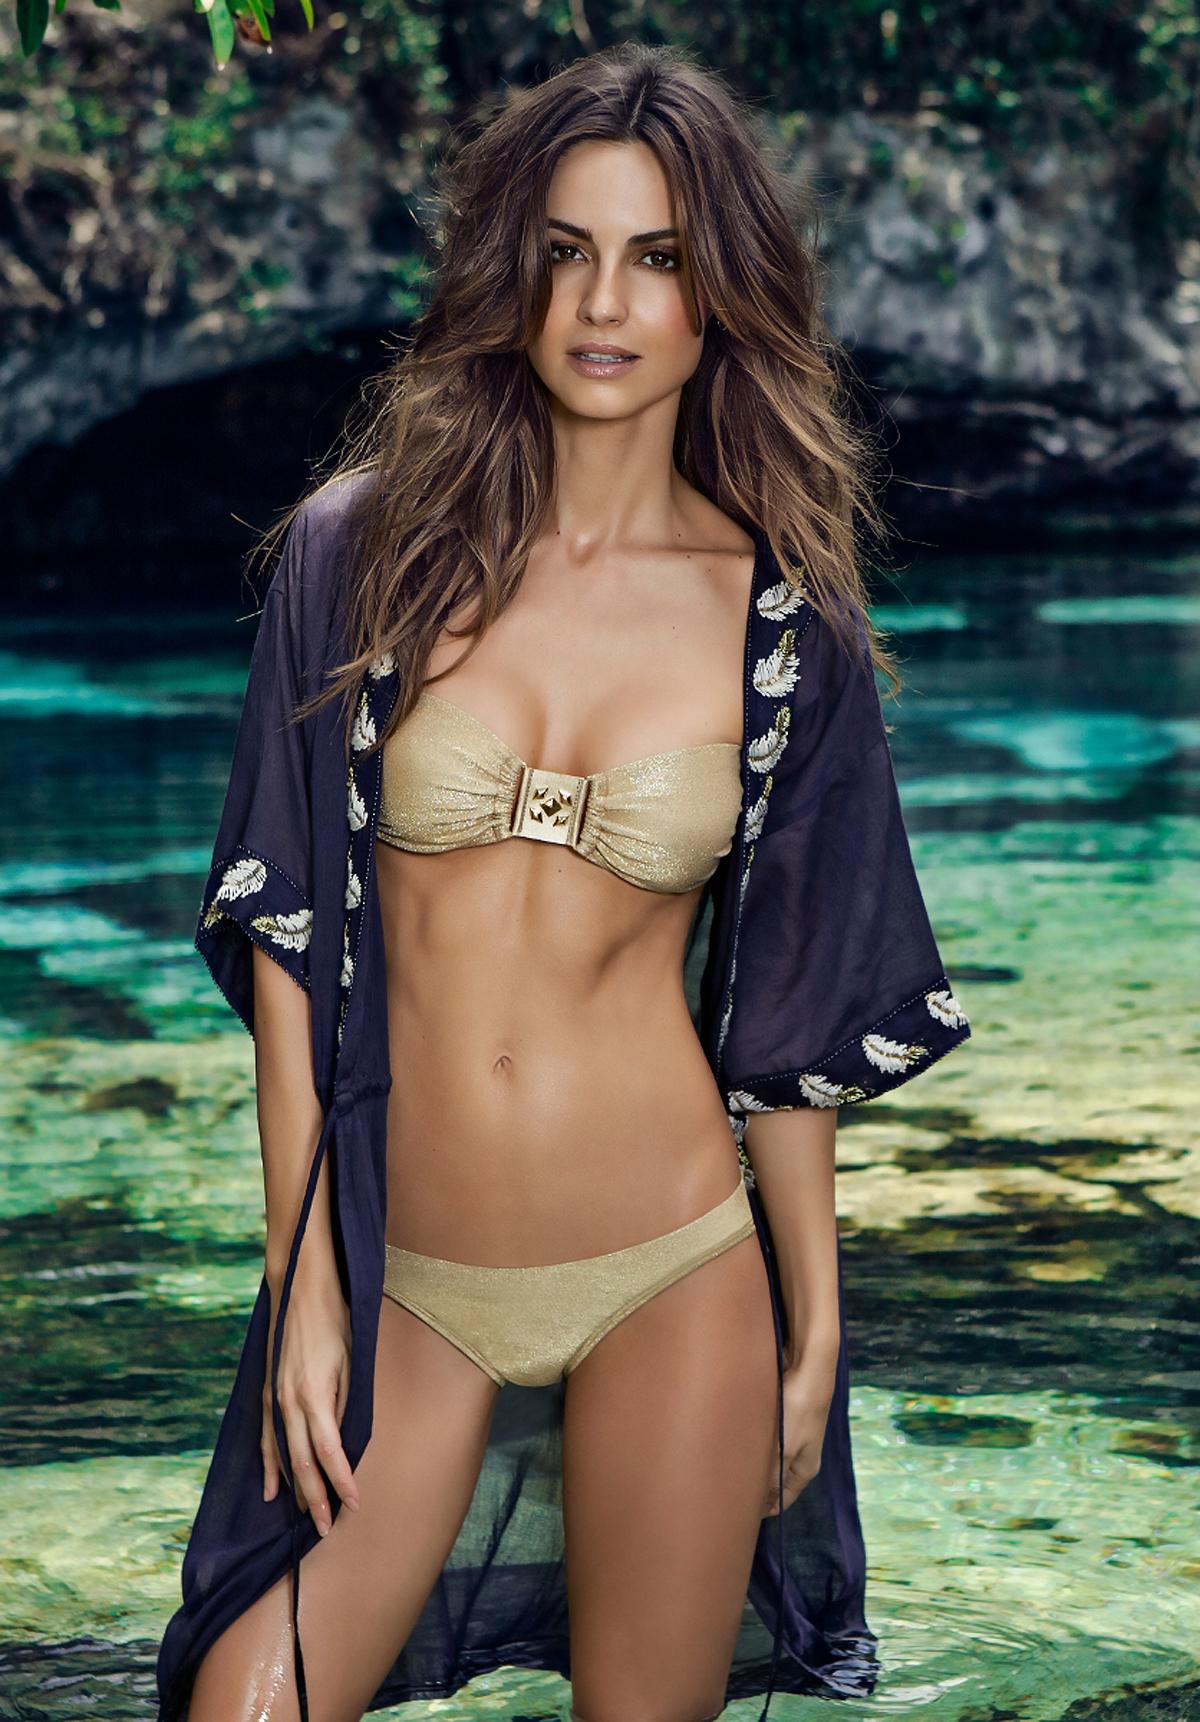 Ariadne artiles ondademar bikini 2014 15 gotceleb for Ariadne artiles comida